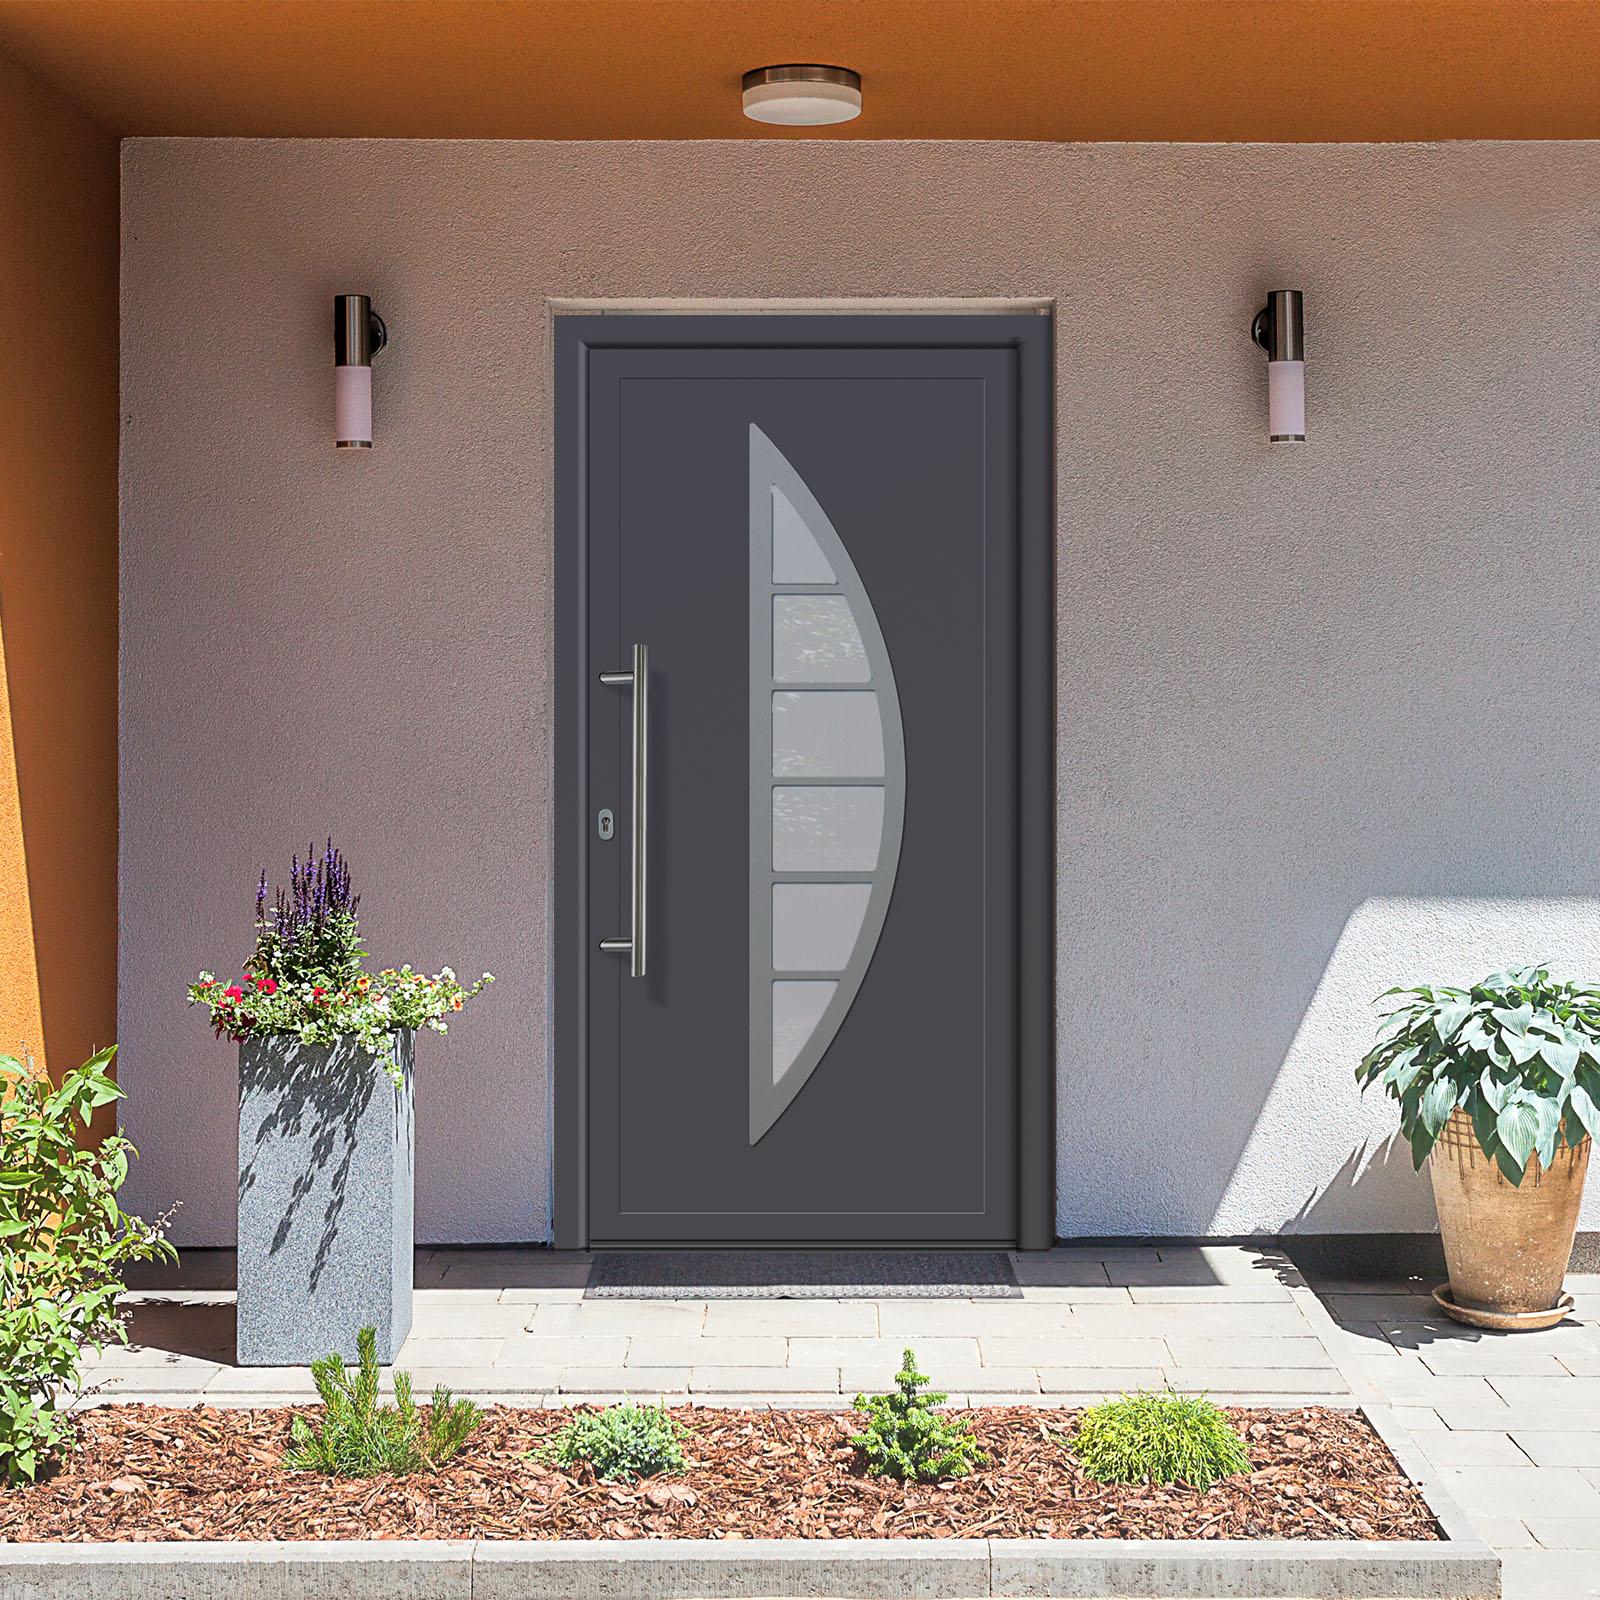 haust r htm23 titan 980 x 2000 mm lichtausschnitt kunststoffhaust r ebay. Black Bedroom Furniture Sets. Home Design Ideas